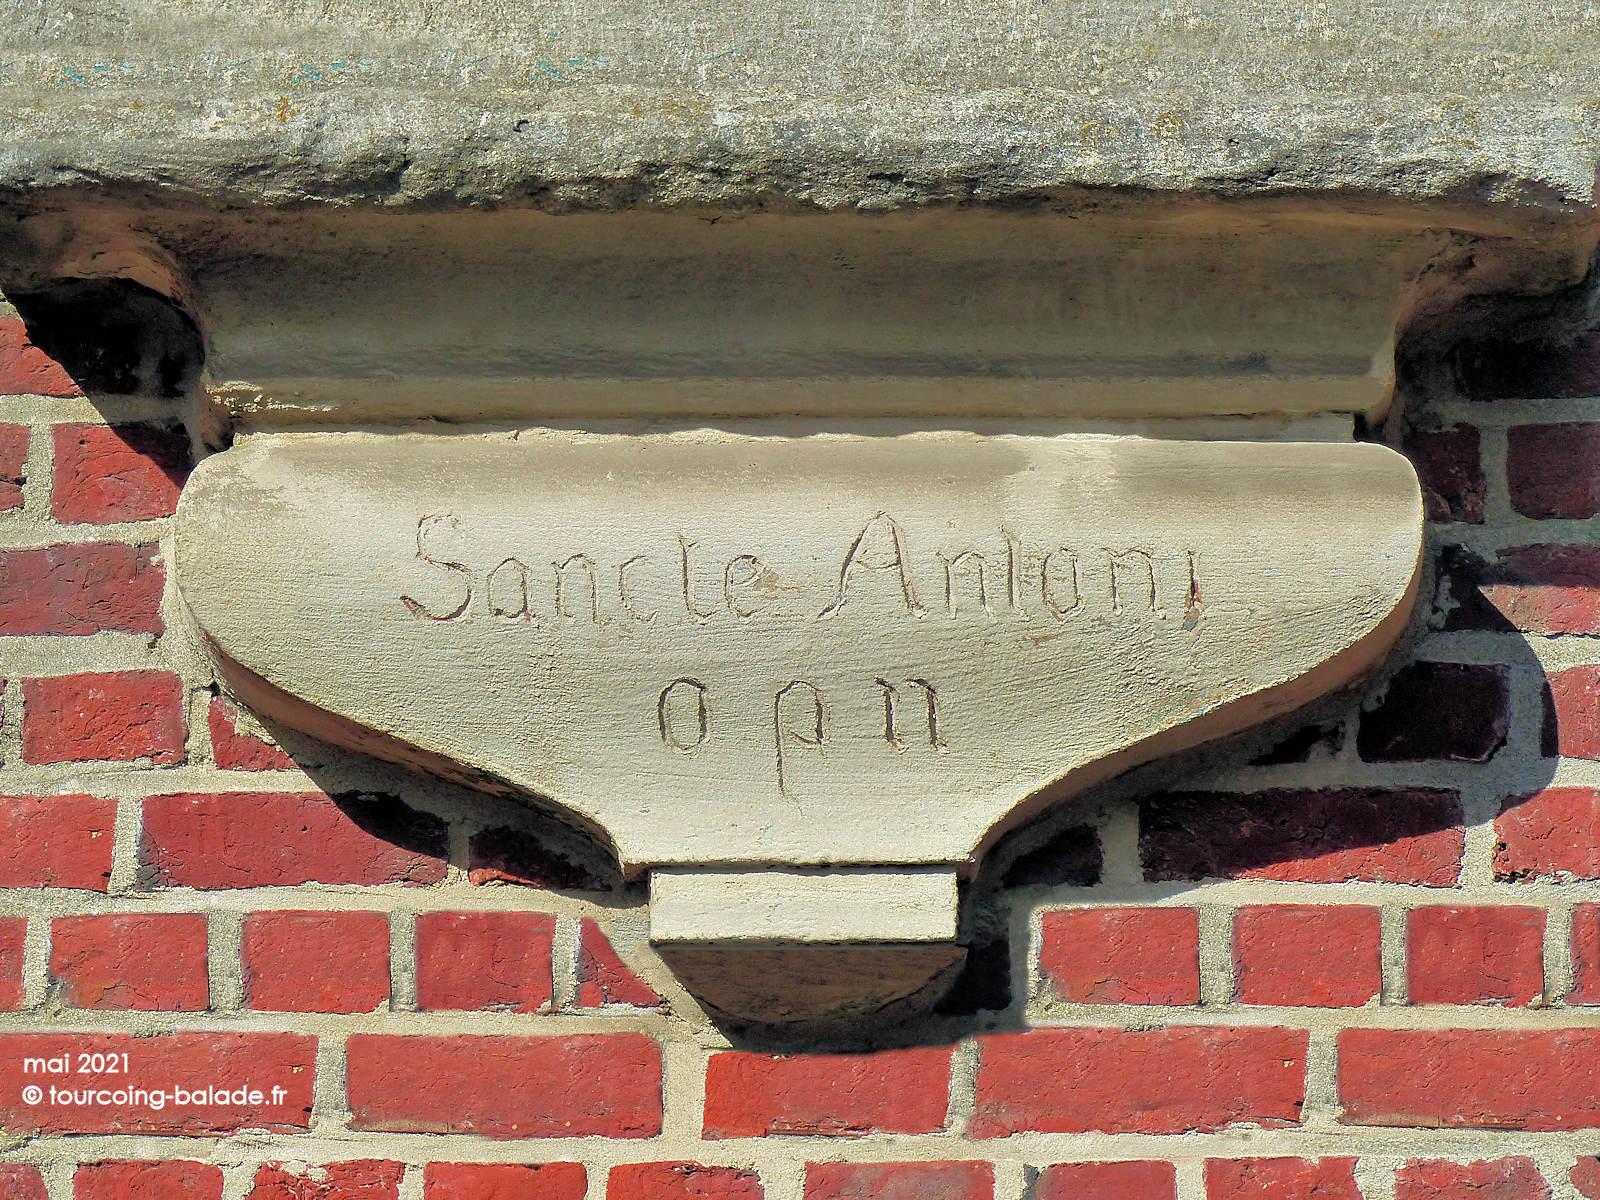 Inscription Sancte Antoni opn sur le socle de la niche murale